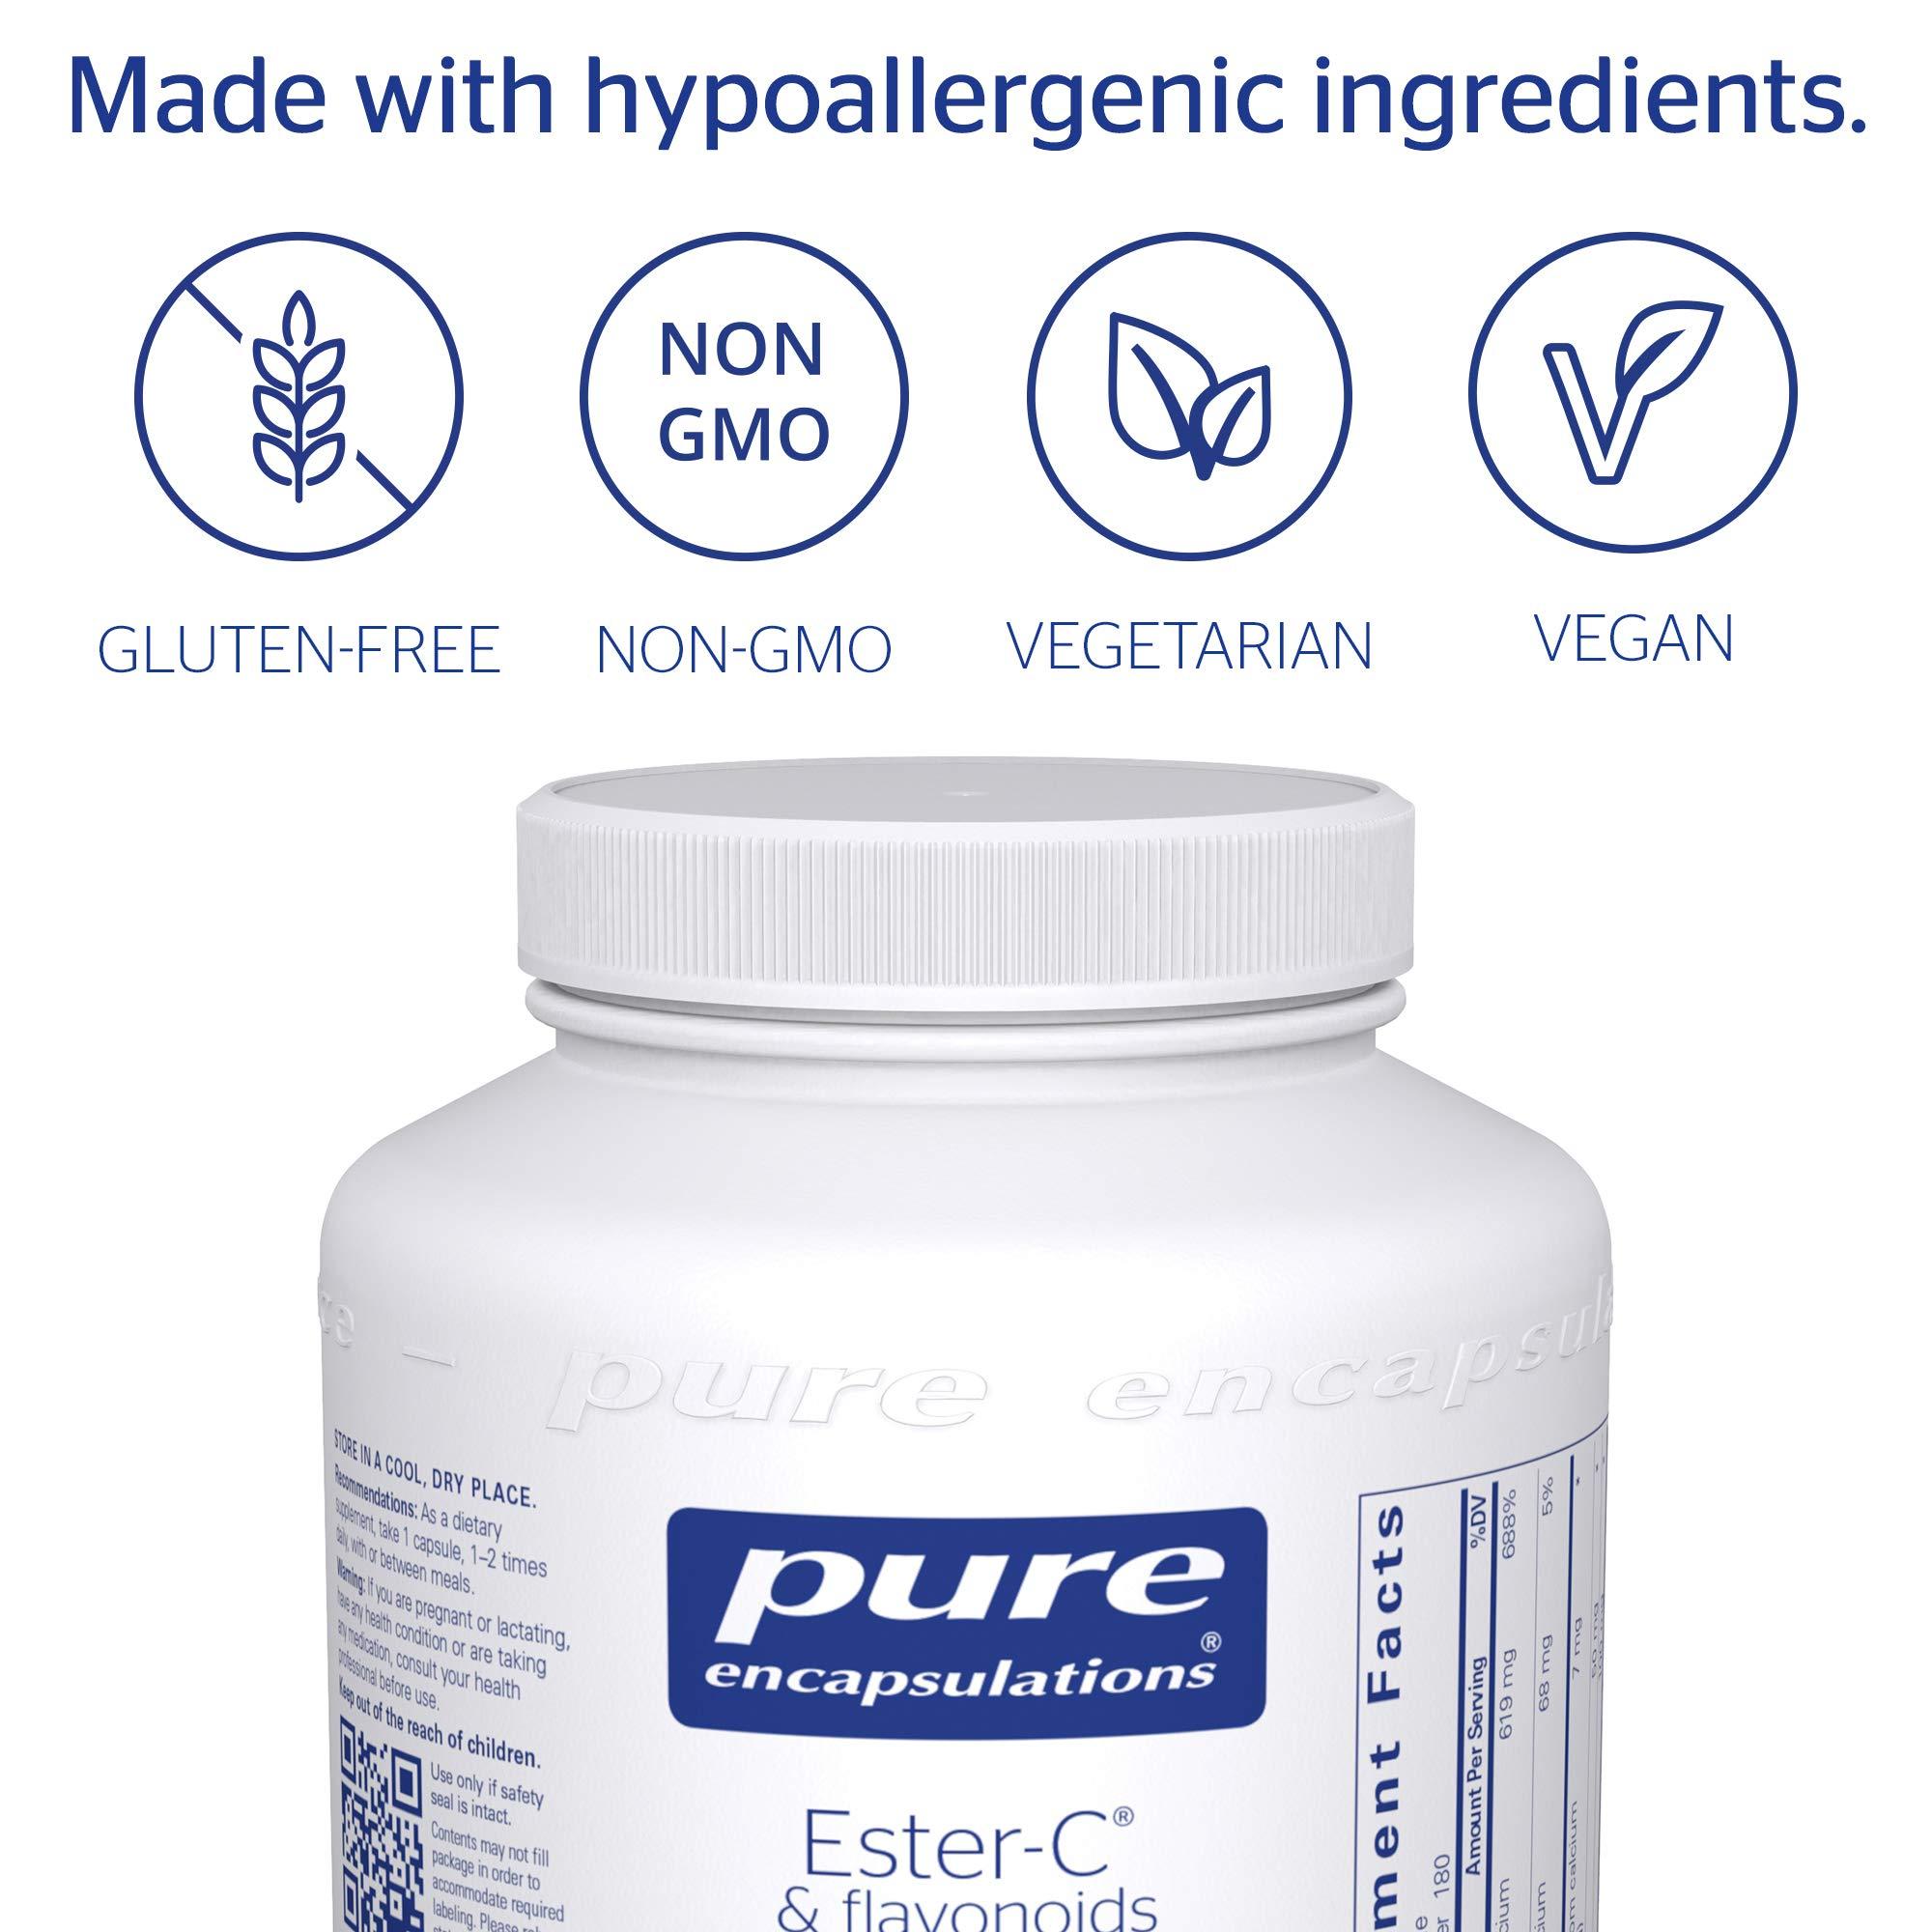 Pure Encapsulations - Ester-C & Flavonoids - Hypoallergenic Vitamin C Supplement Enhanced with Bioflavonoids - 180 Capsules by Pure Encapsulations (Image #4)